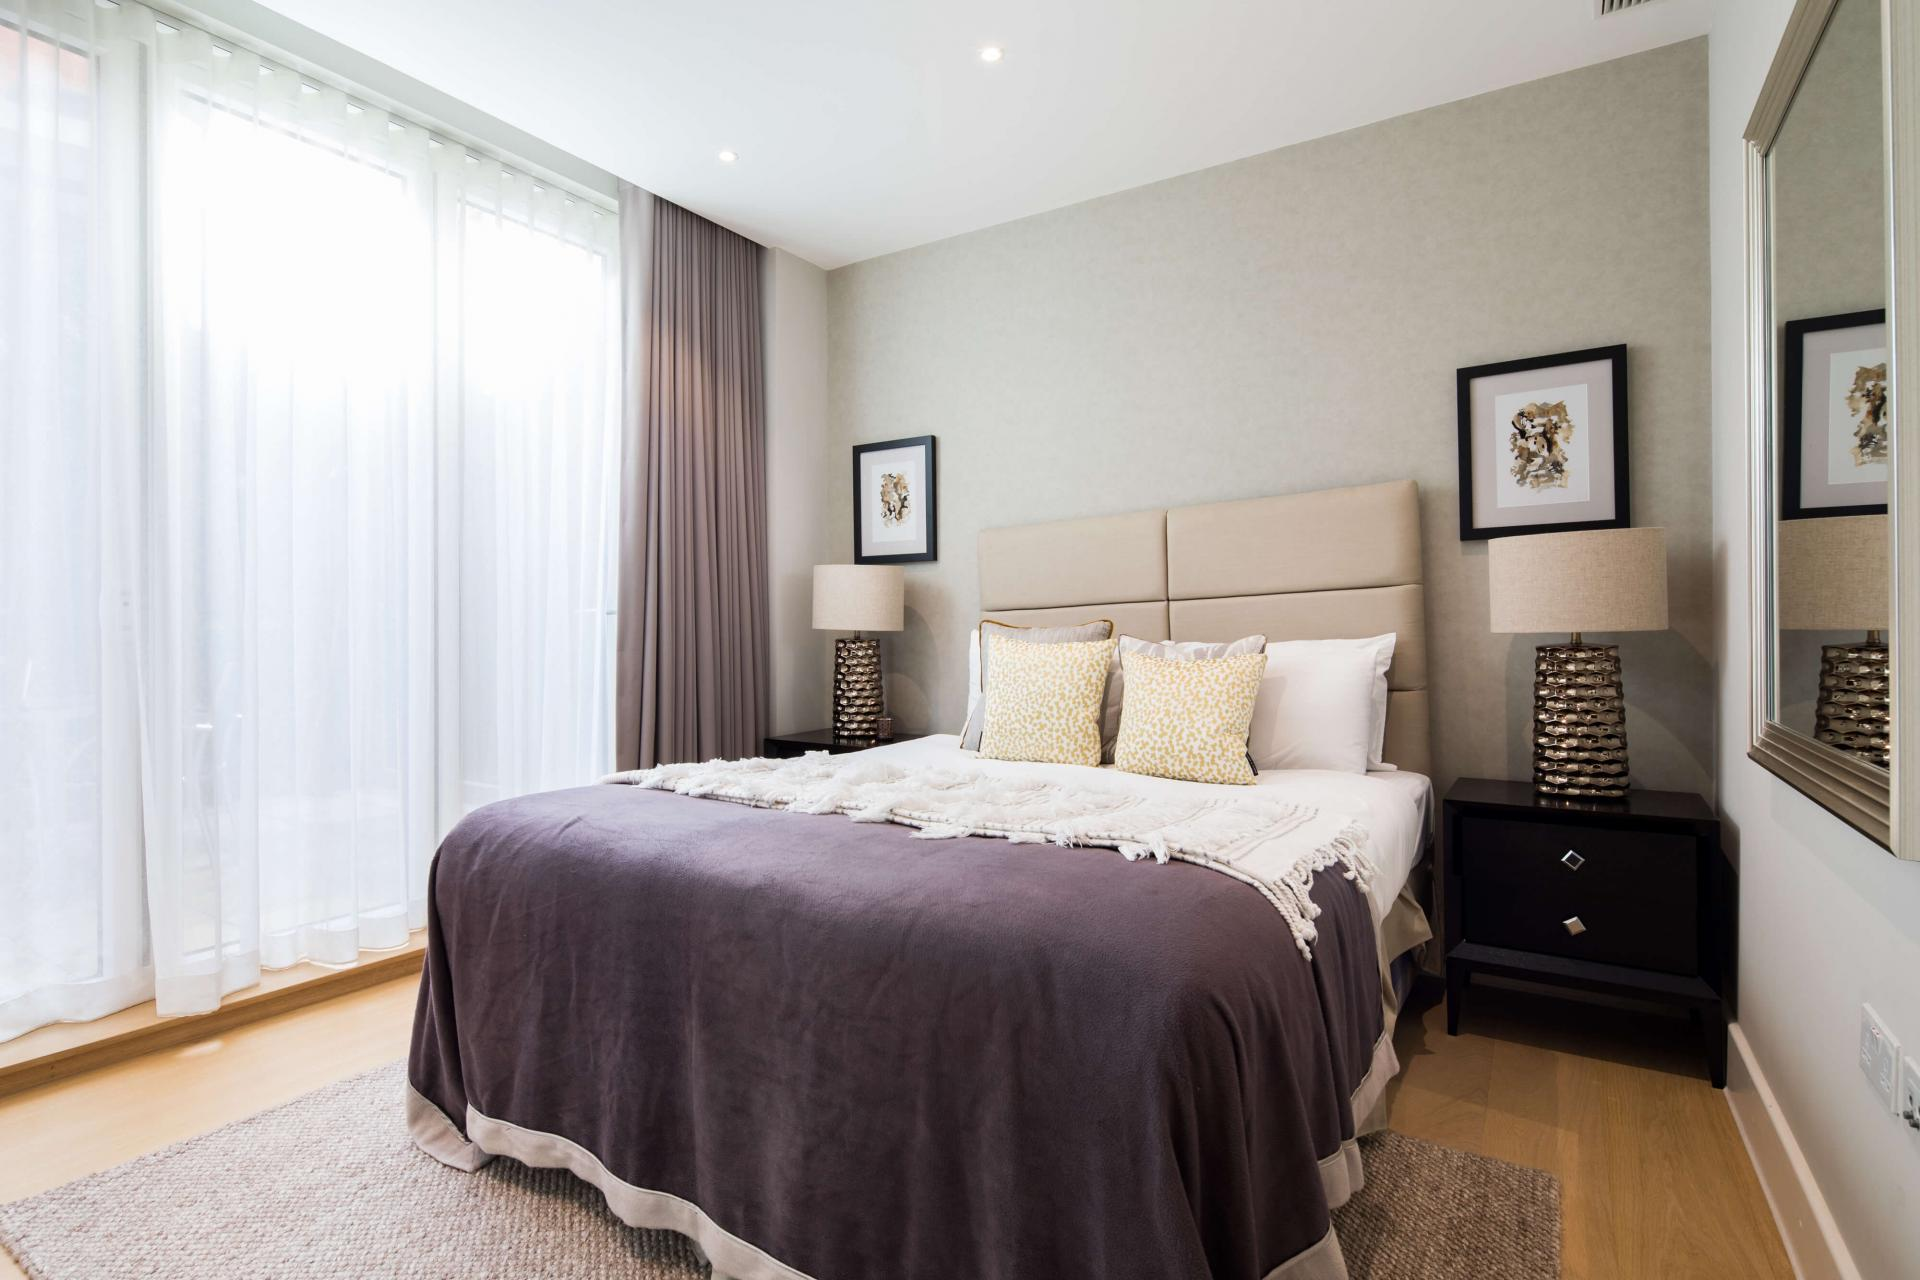 Grand bed at Logan Place Apartments, Kensington, London - Citybase Apartments